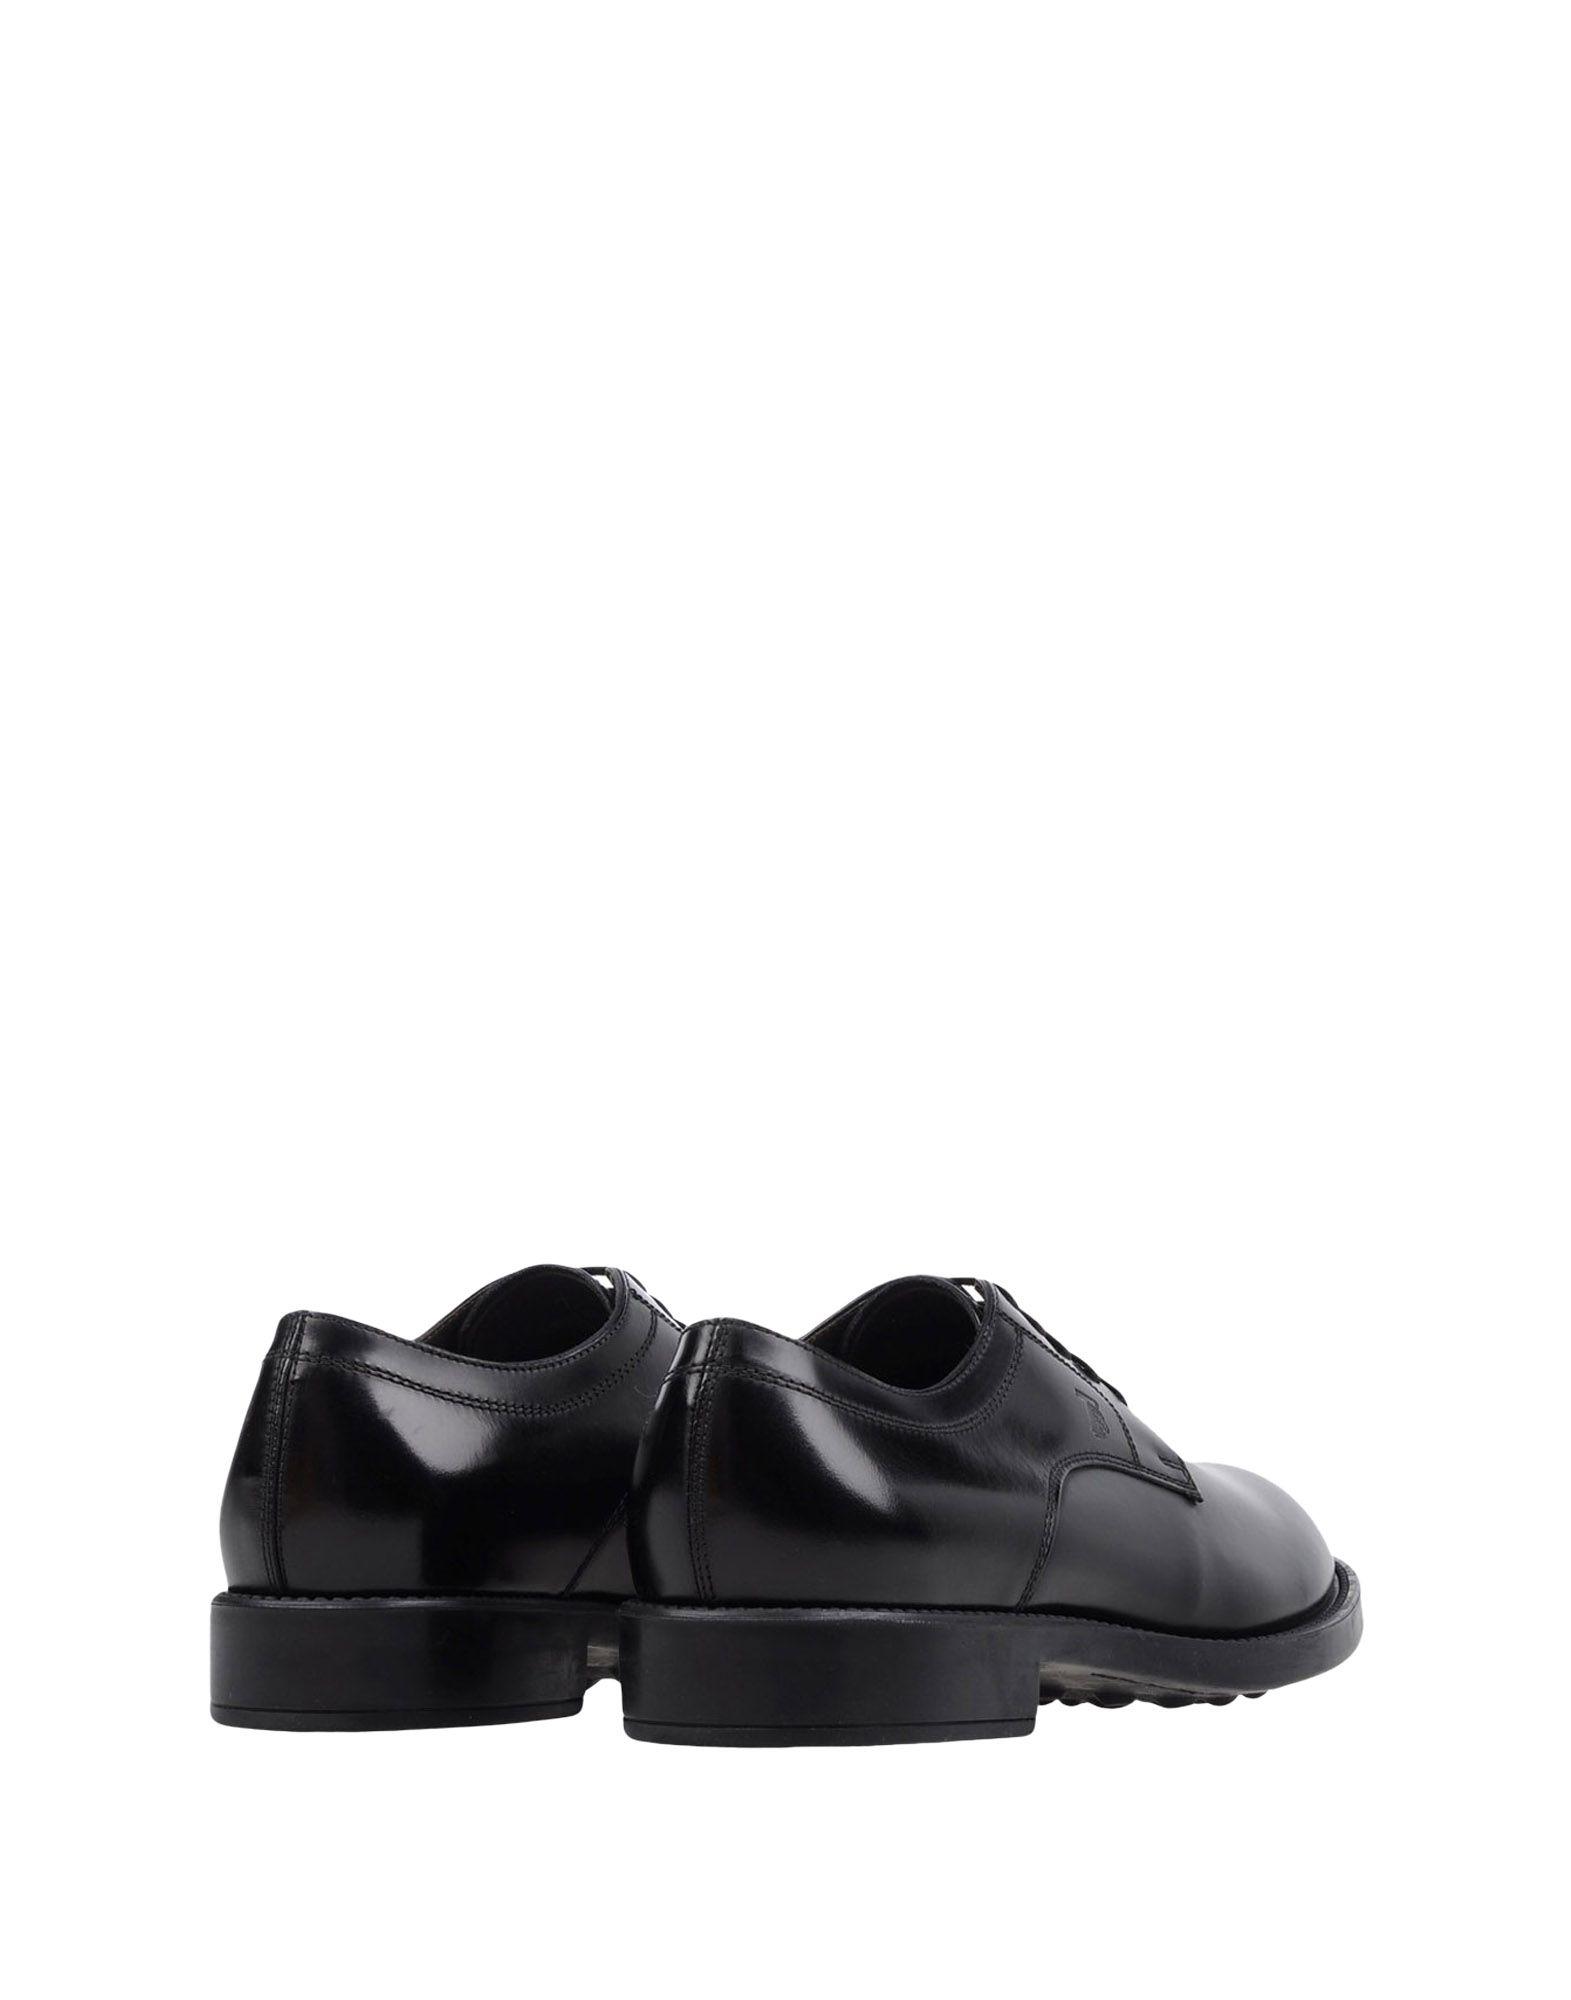 Tod's 11364213MV Schnürschuhe Herren  11364213MV Tod's Gute Qualität beliebte Schuhe 347b9c